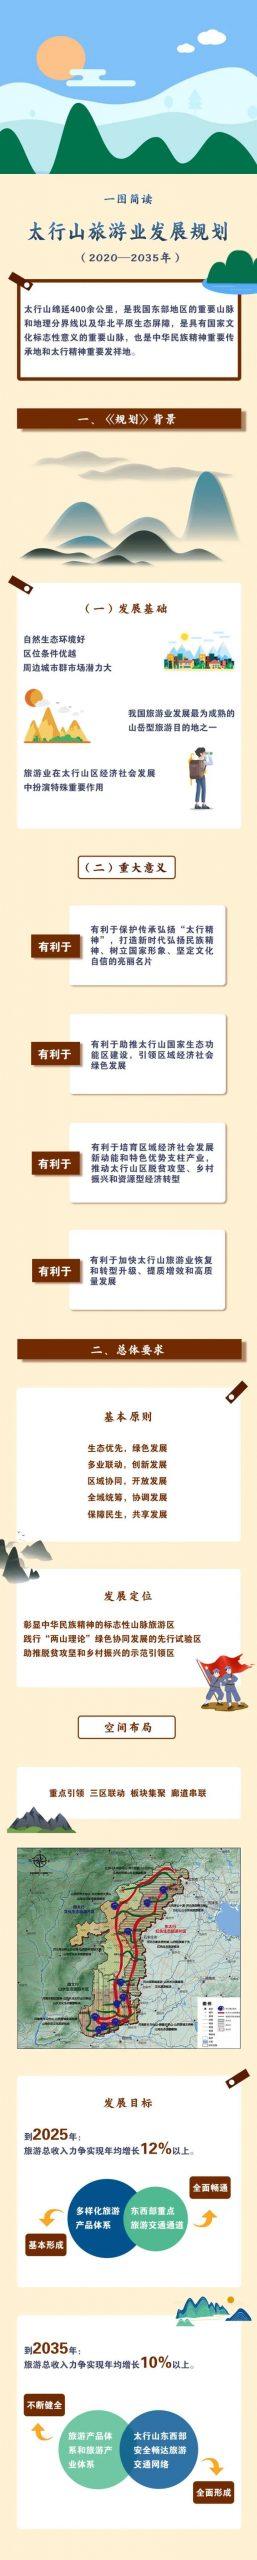 一图简读《太行山旅游业发展规划(2020-2035年)》